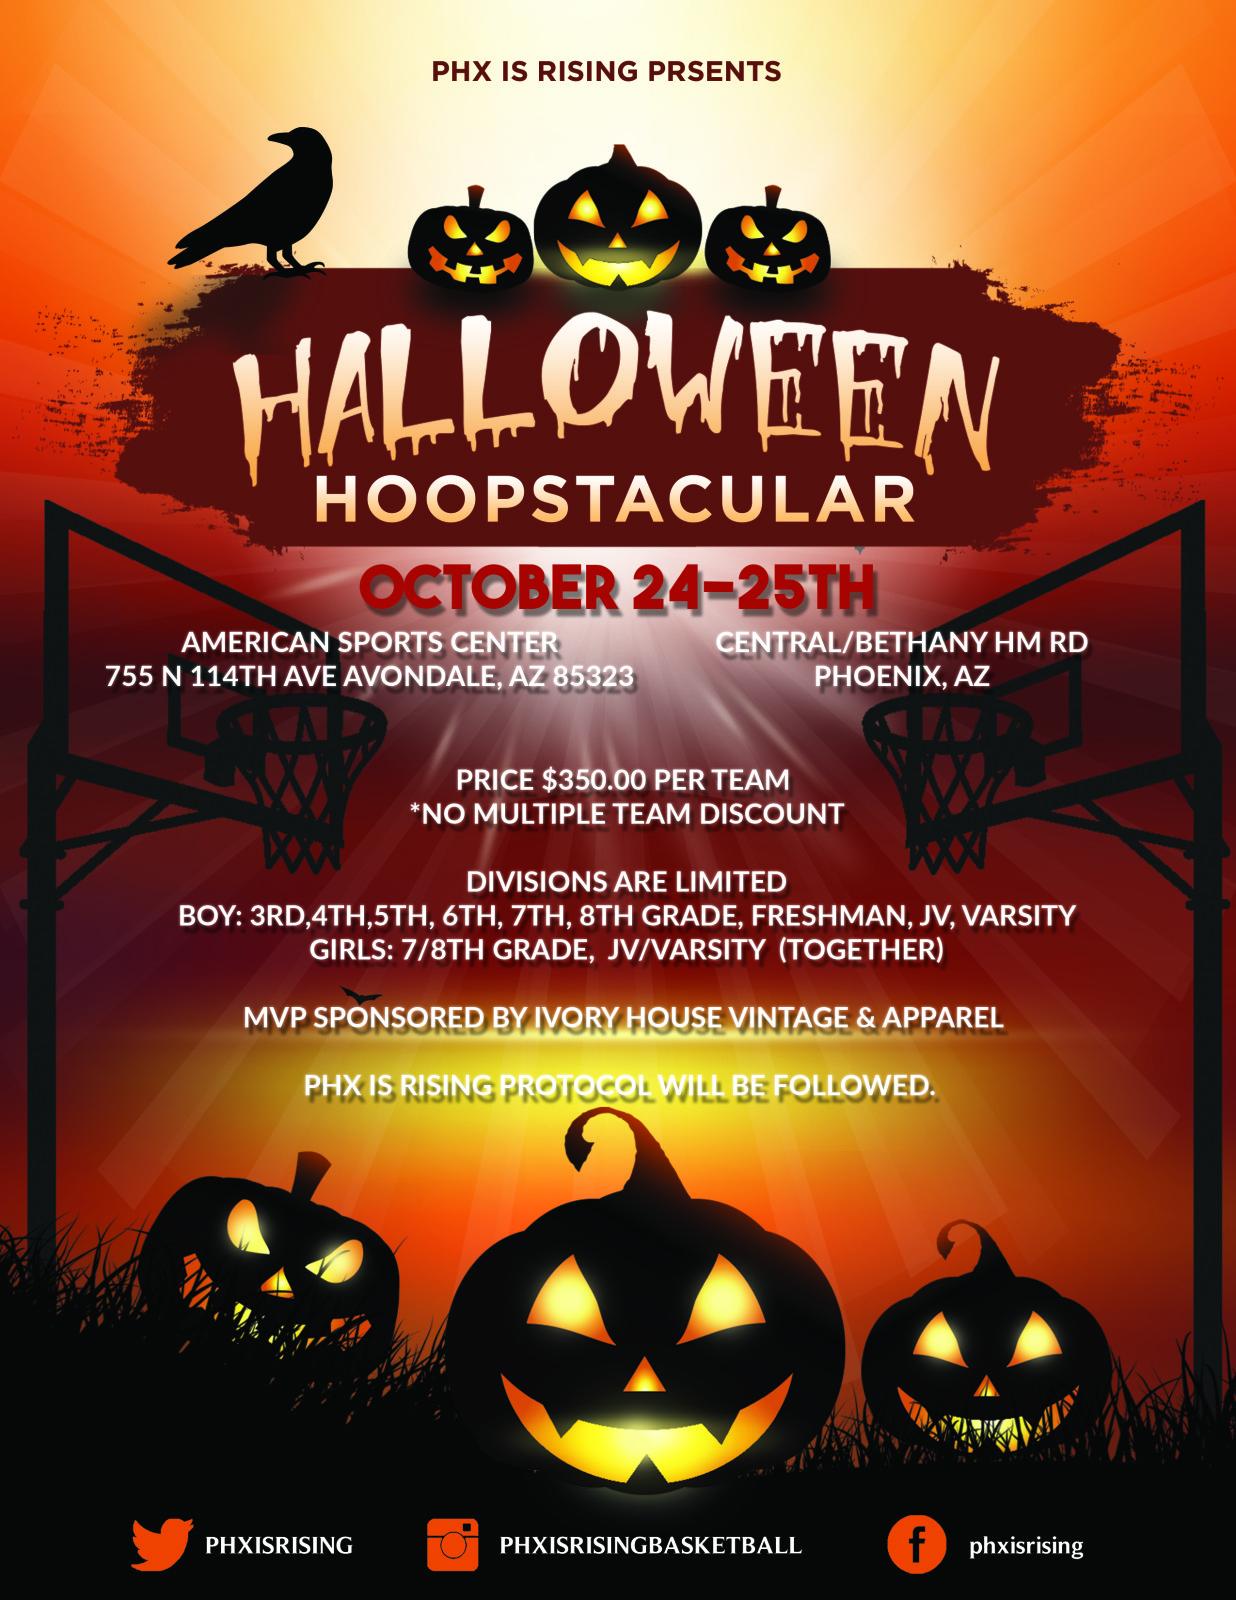 Halloween_Hoopstacular_2020.jpg